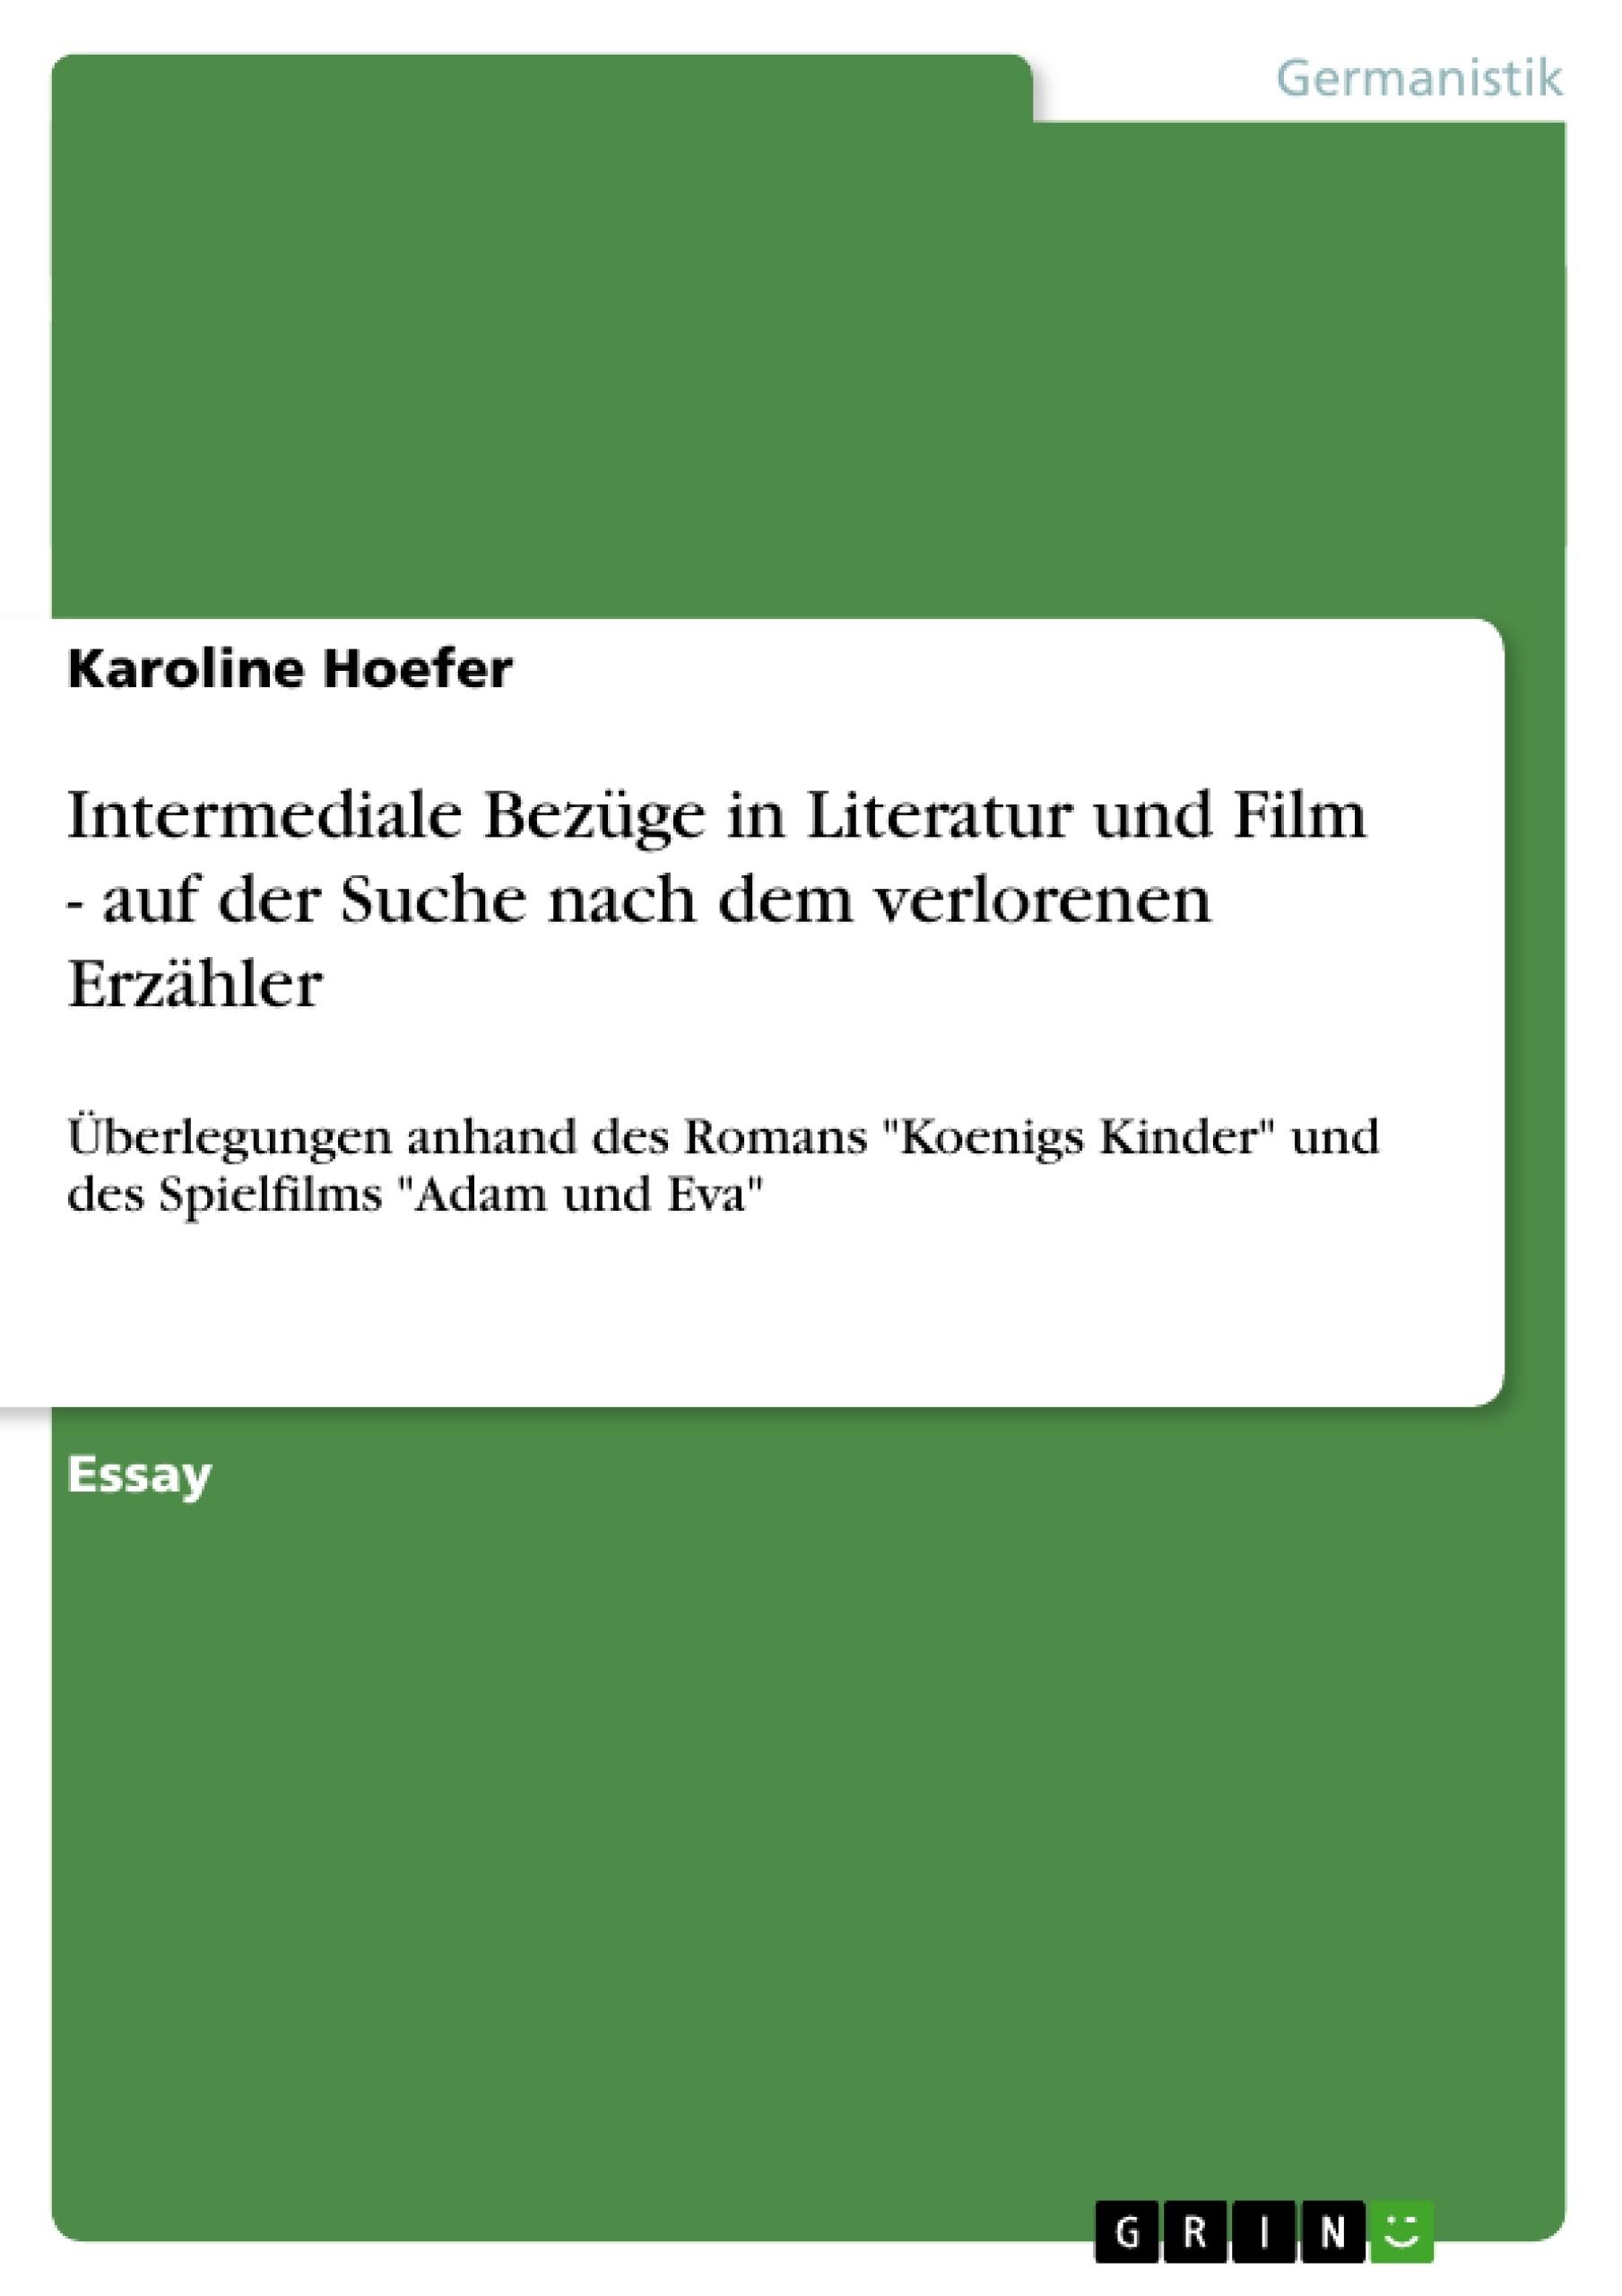 Titel: Intermediale Bezüge in Literatur und Film  -  auf der Suche nach dem verlorenen Erzähler